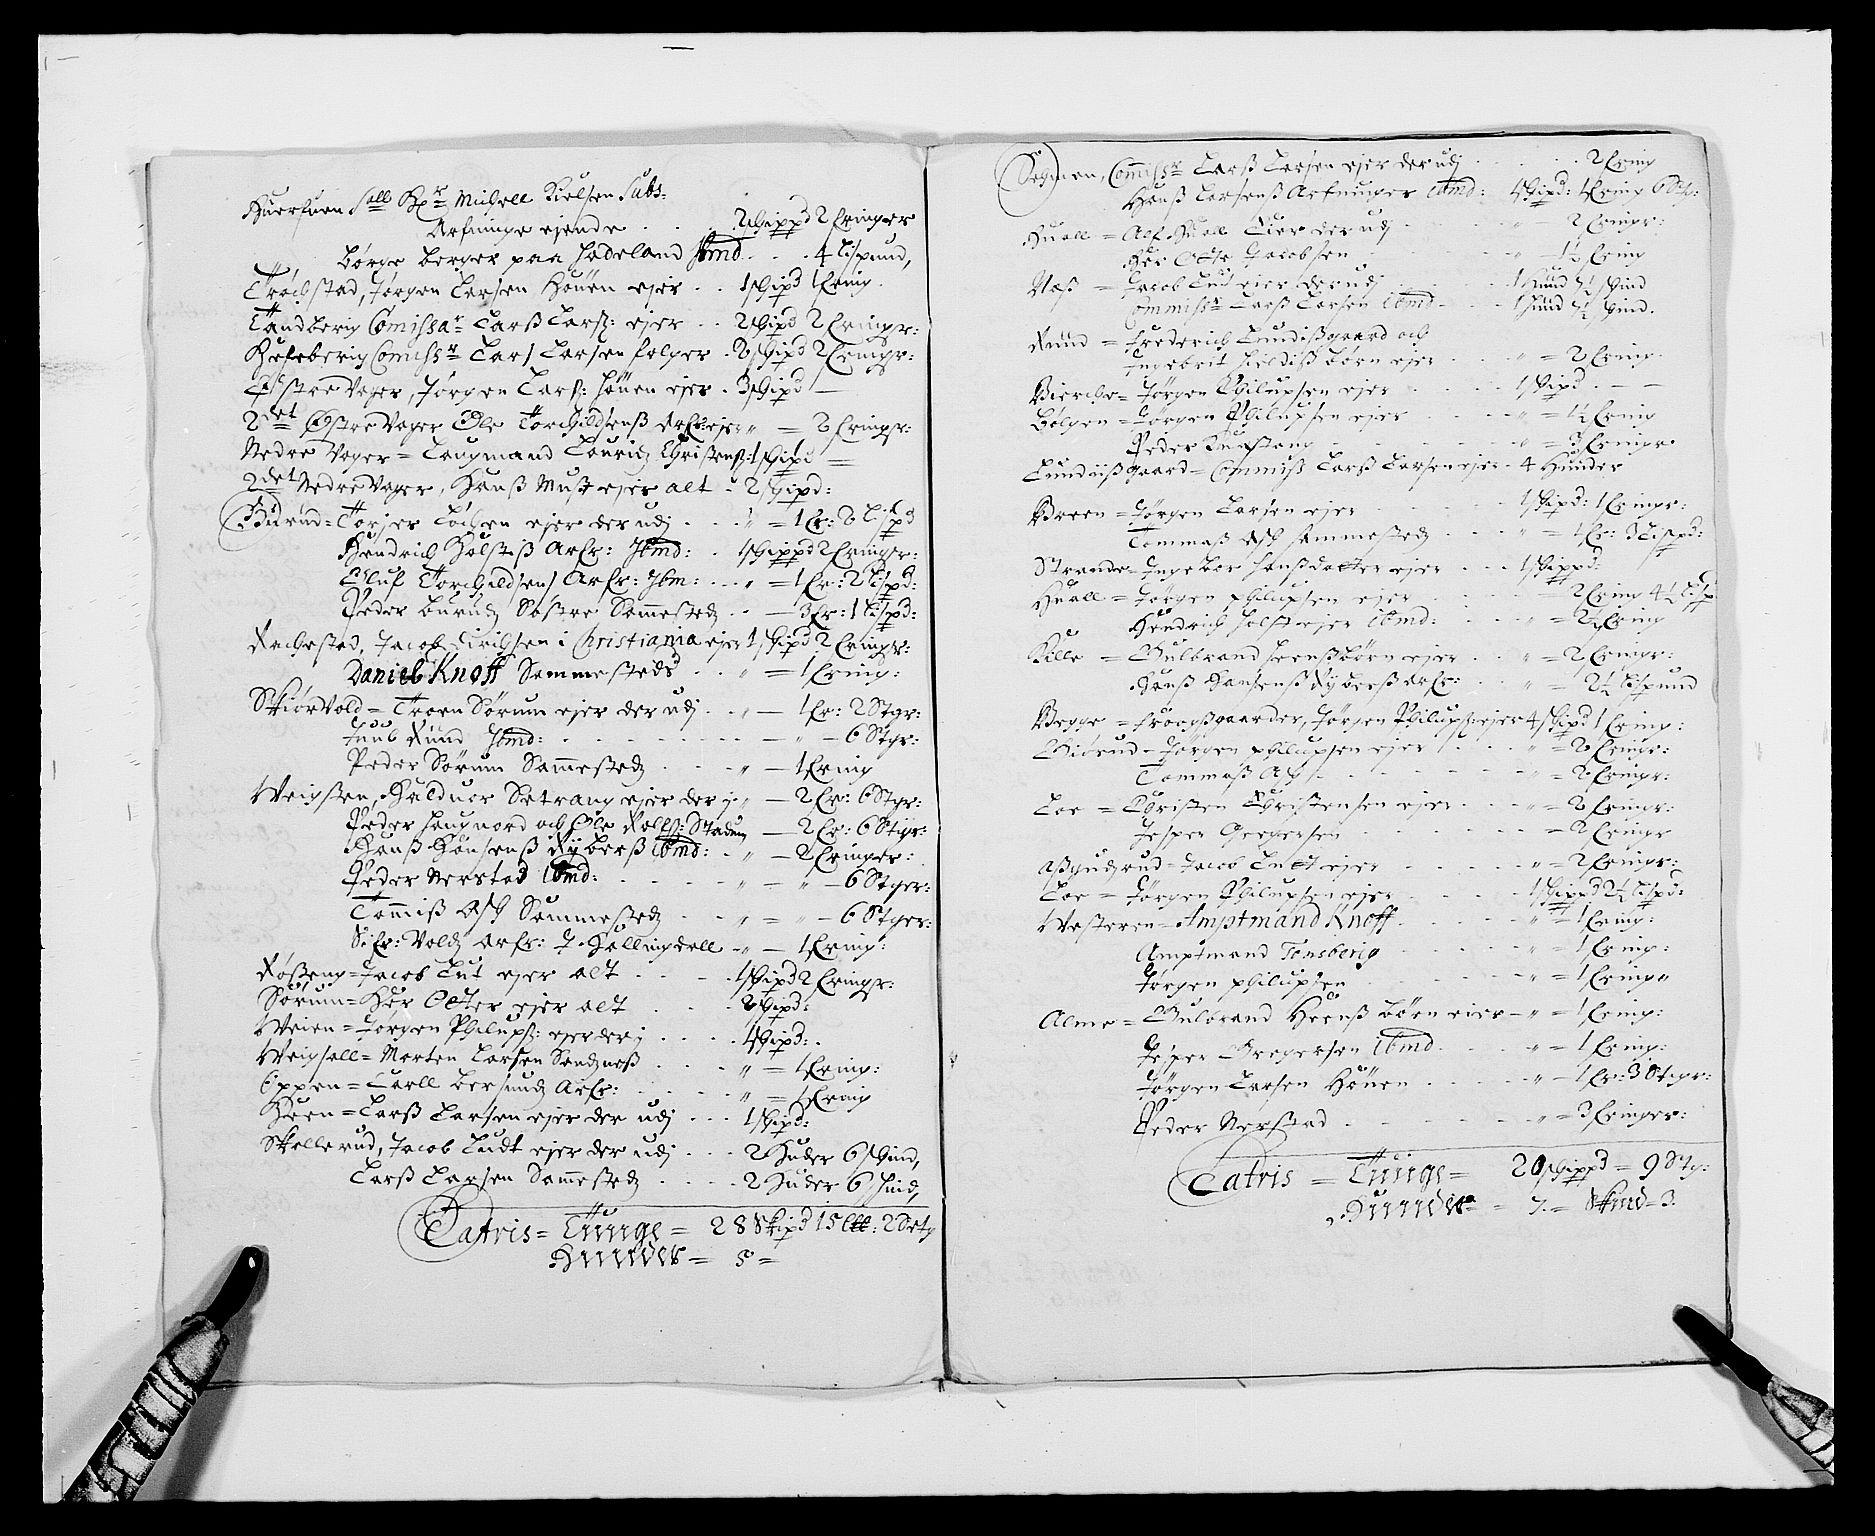 RA, Rentekammeret inntil 1814, Reviderte regnskaper, Fogderegnskap, R21/L1445: Fogderegnskap Ringerike og Hallingdal, 1681-1689, s. 357